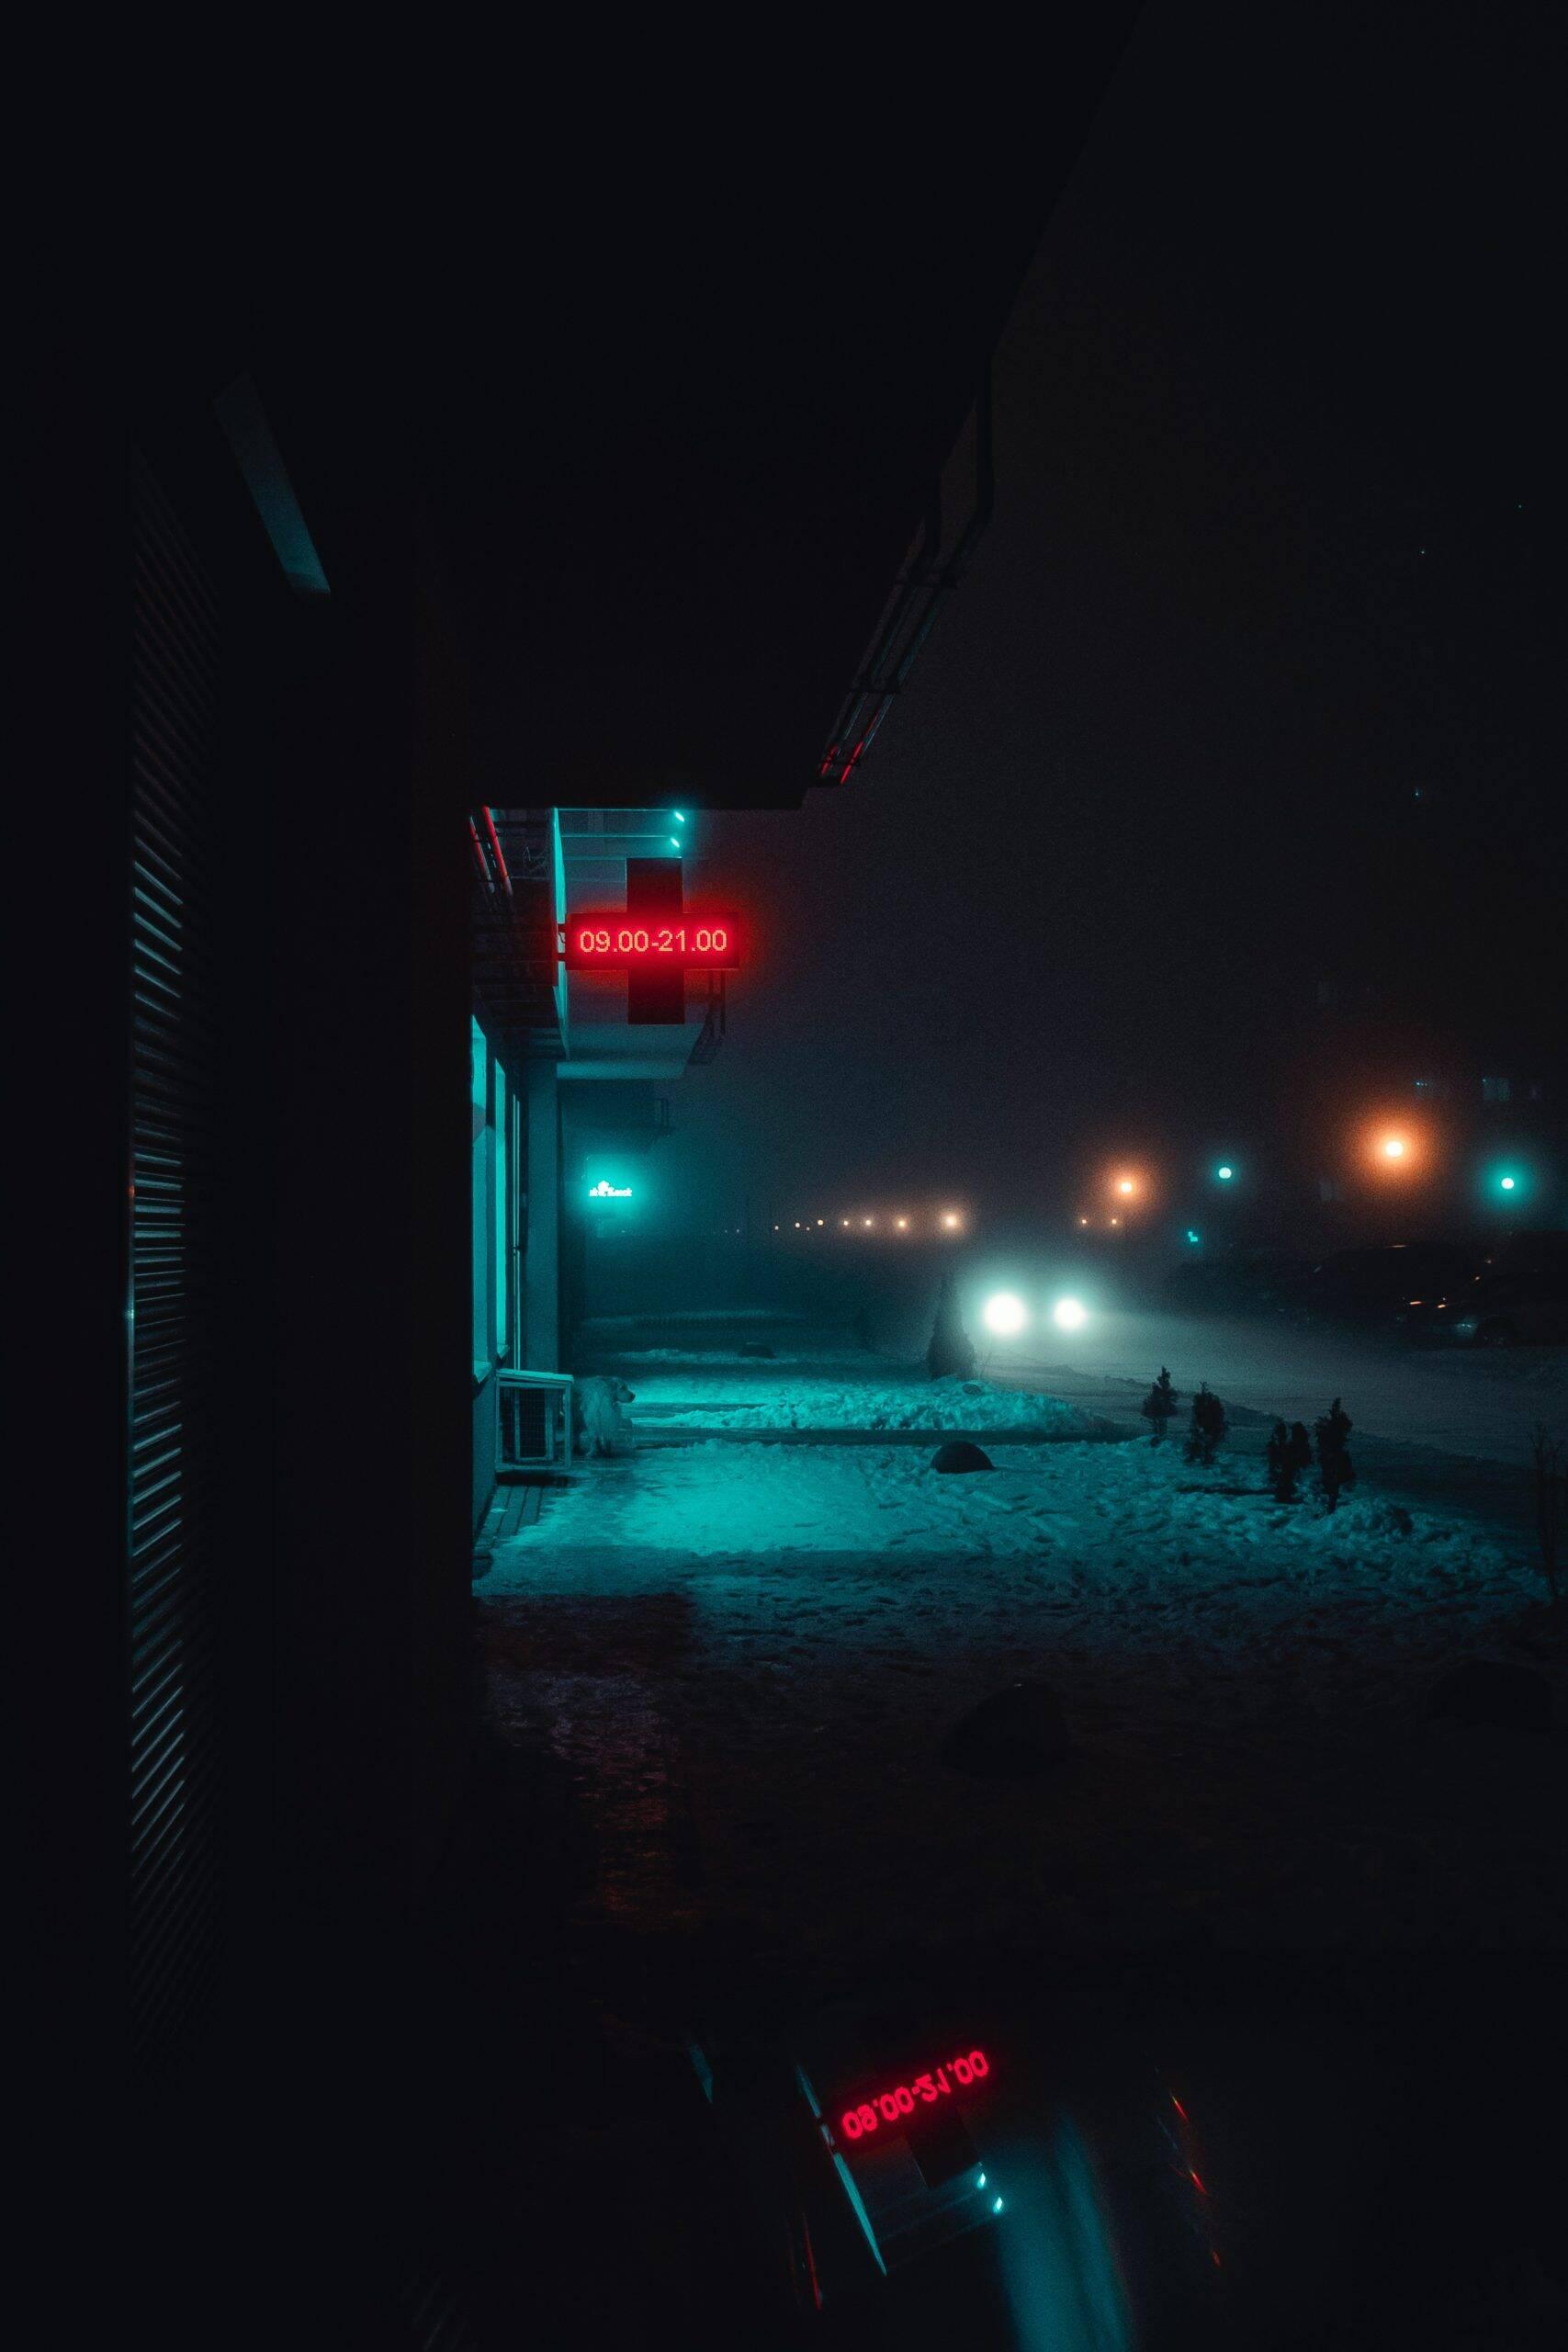 Devido a destruição causada, por volta das 23 horas (horário de Brasília), toda a cidade de Nova Orleans estava sem energia. (Foto: Pexels)